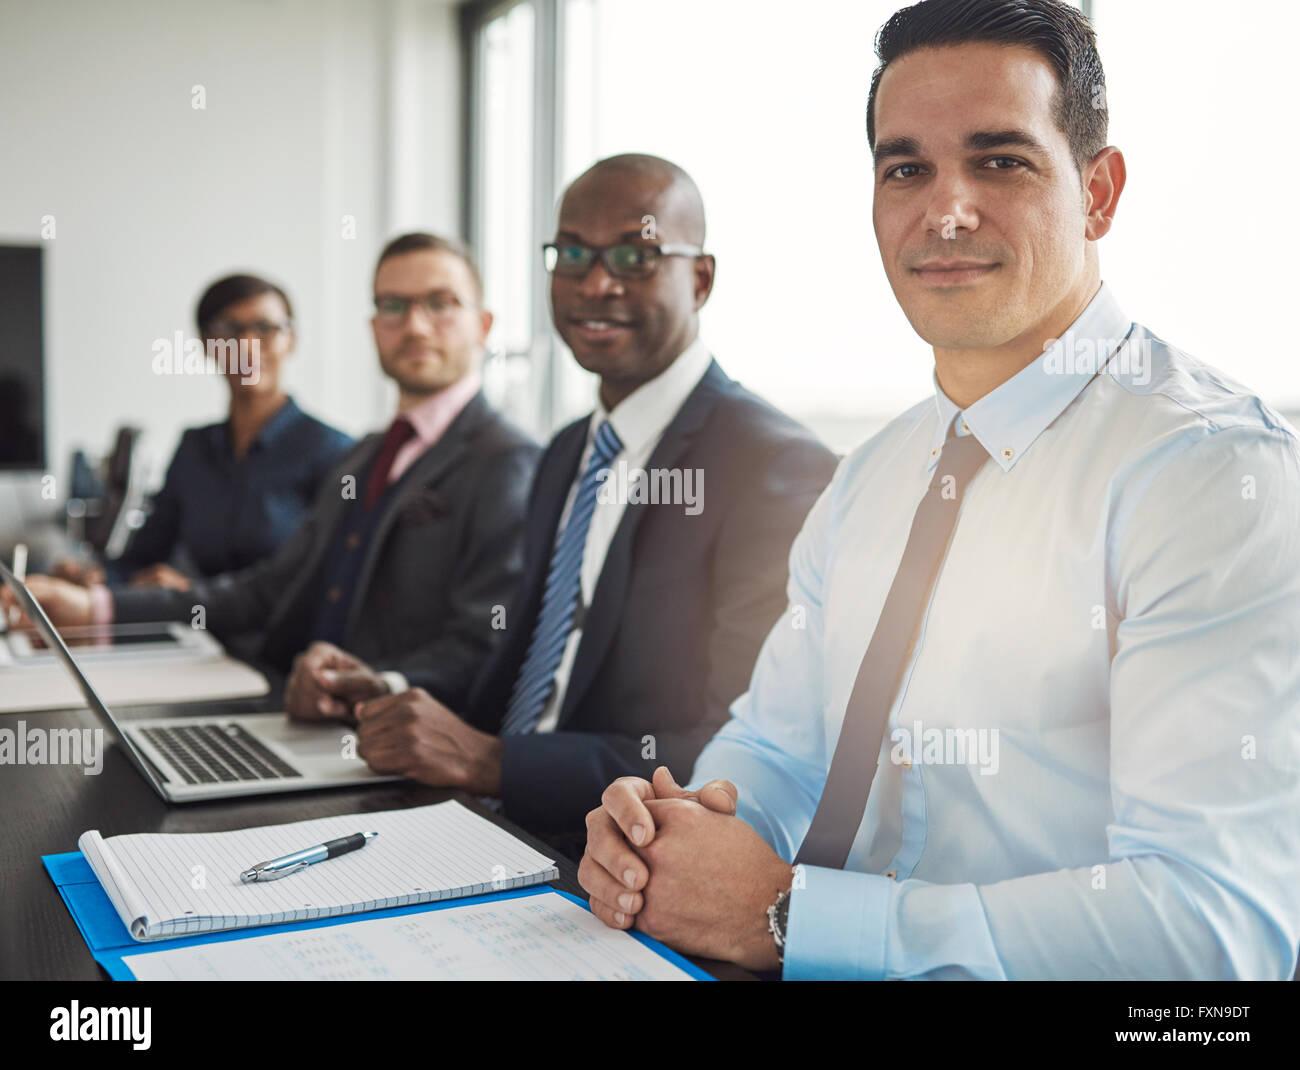 Calme groupe diversifié de quatre hommes d'affaires assis à table avec ordinateur et portables en face de grande fenêtre de bureau avec lig Banque D'Images